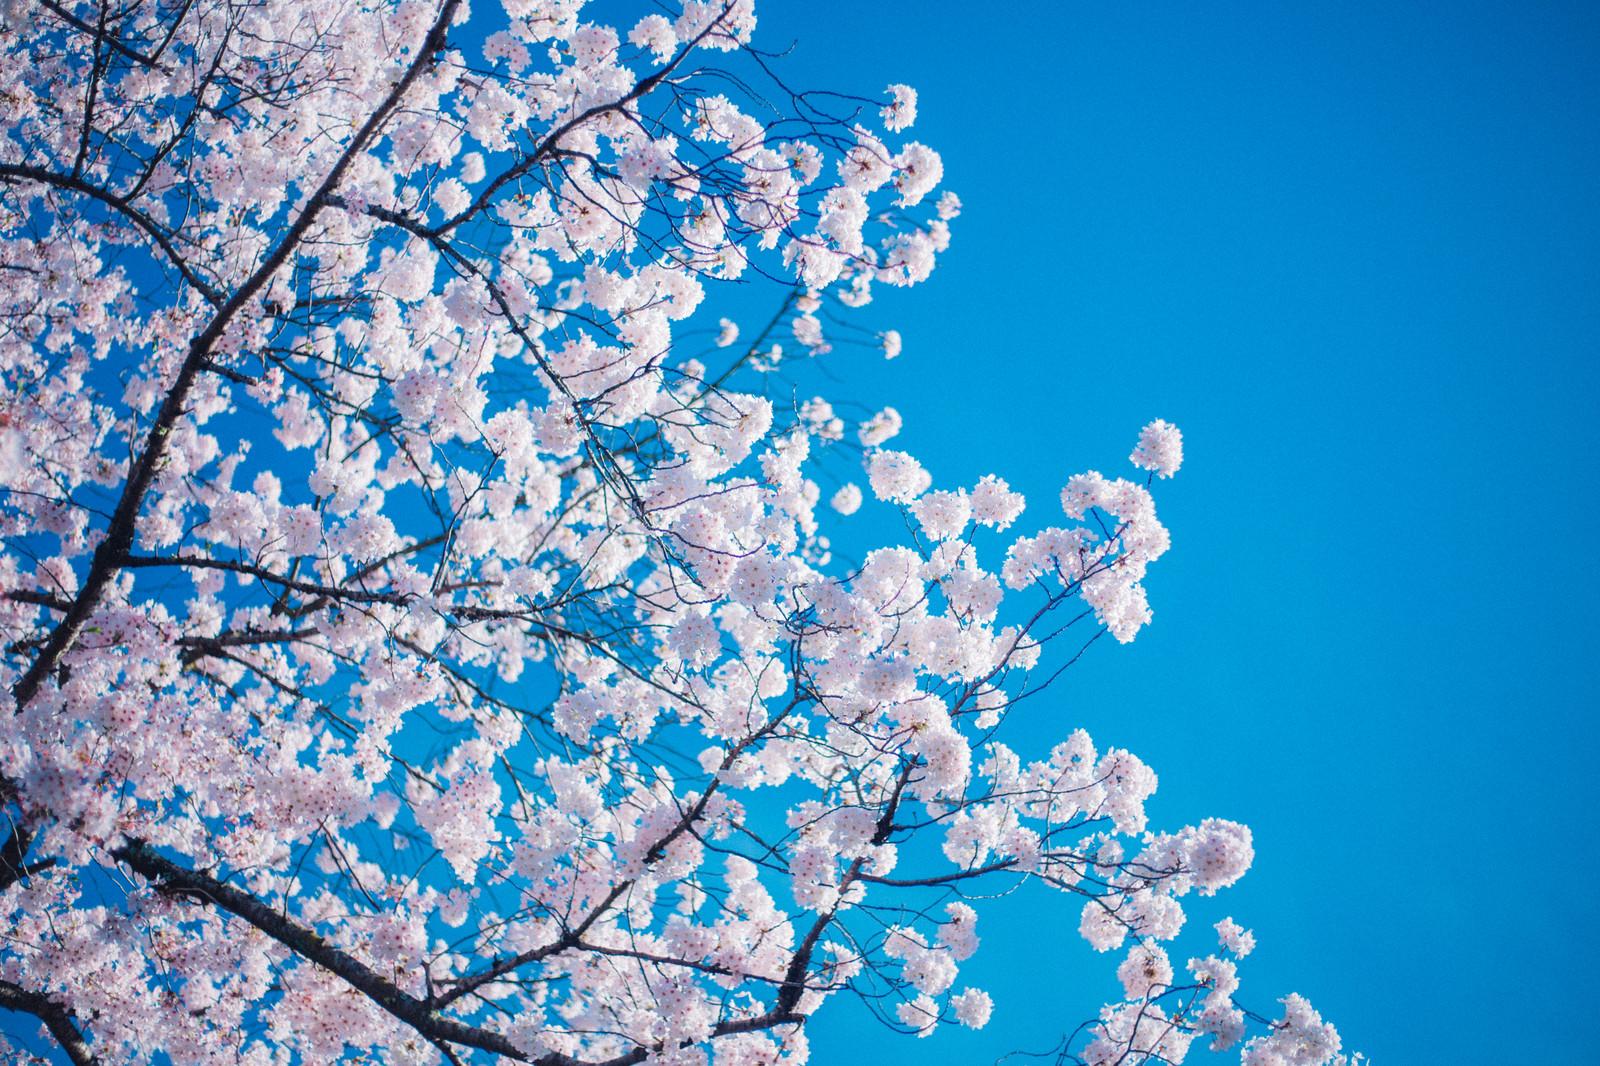 年度初めを象徴する桜